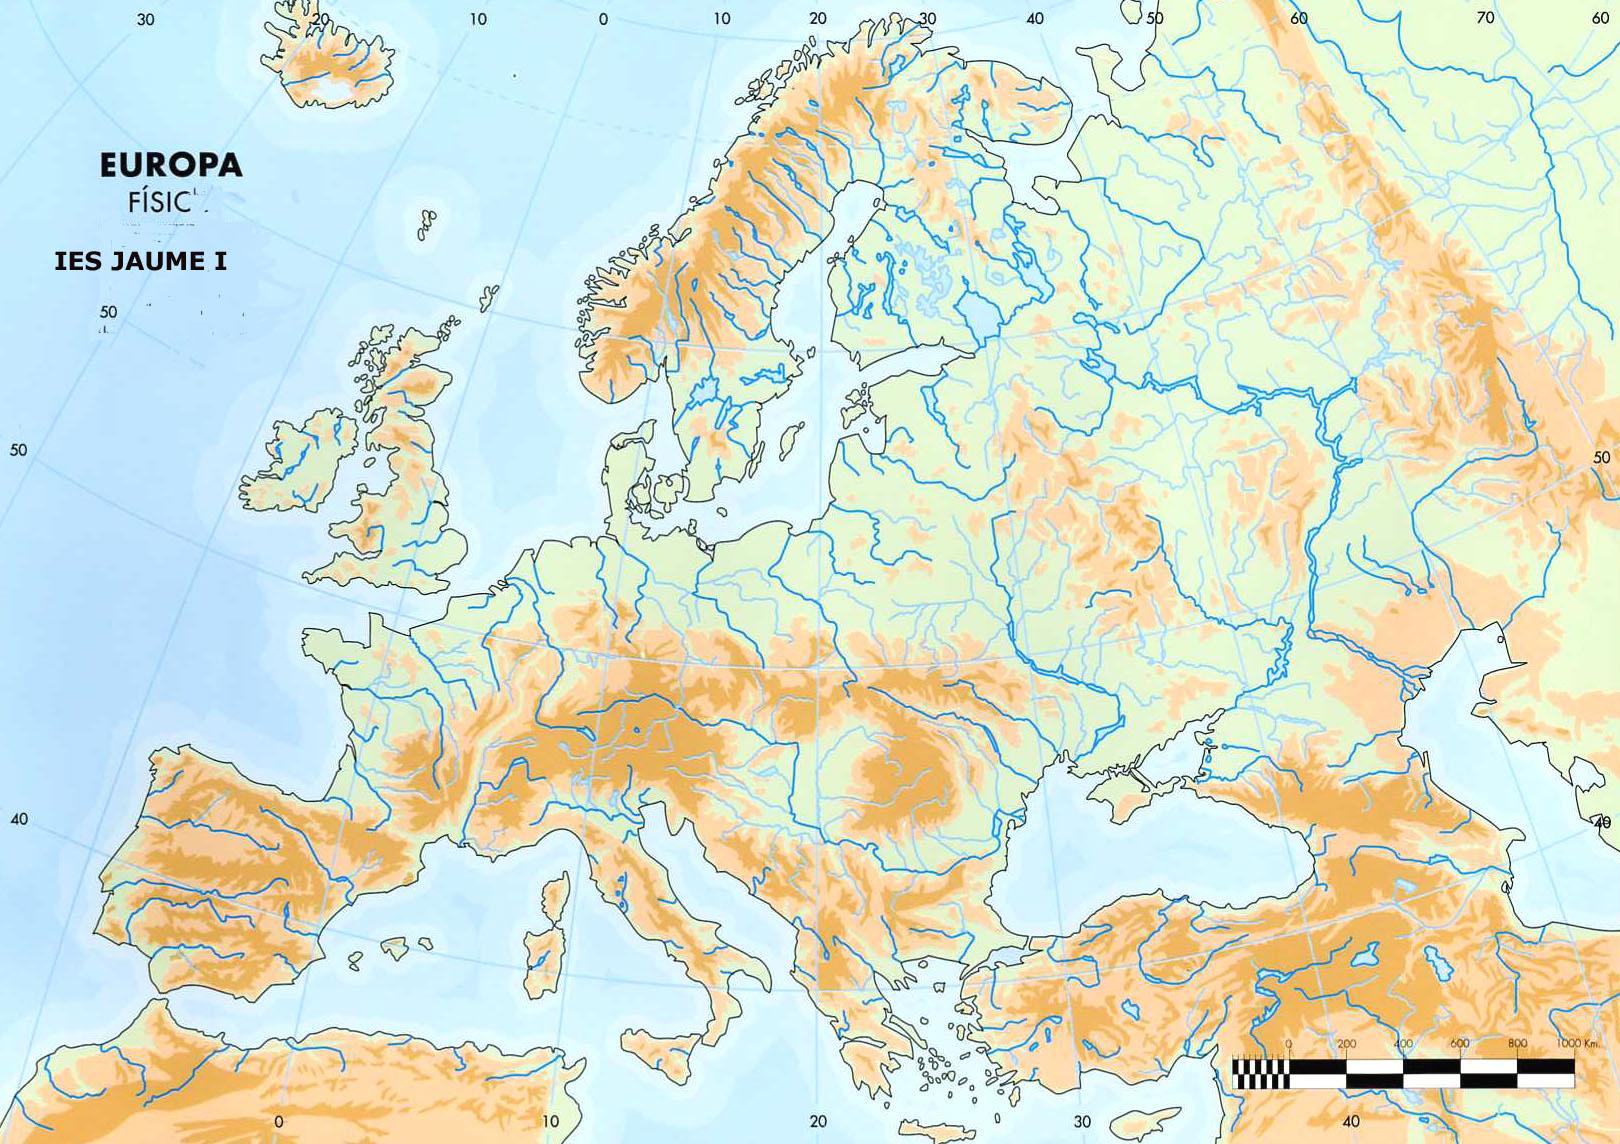 Mapa Fisico De Oceania Mudo Para Imprimir En Blanco Y Negro.Sitio Web De Ceip Maria Auxiliadora